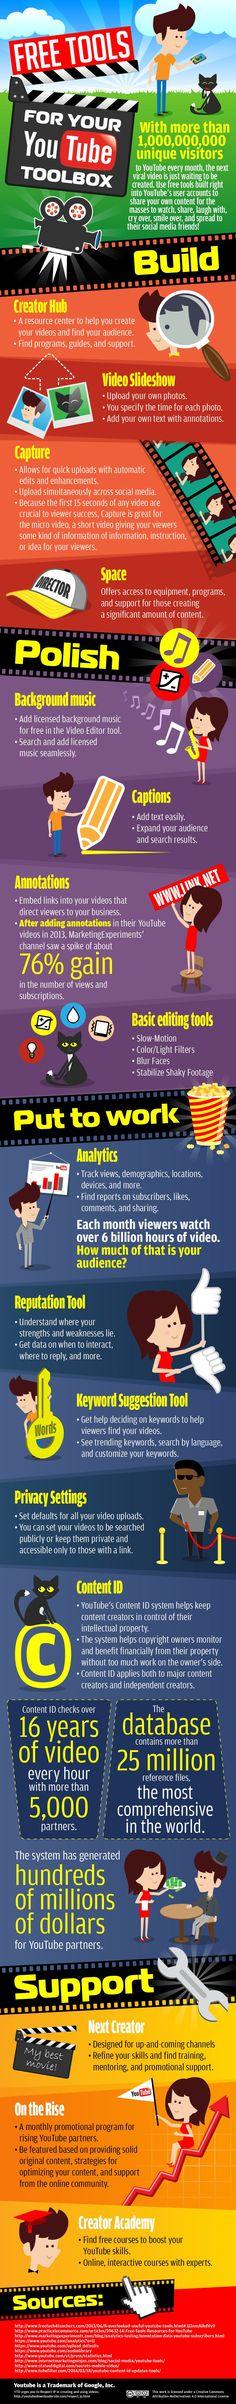 Herramientas gratuitas para YouTube #infografia #infographic #socialmedia vía http://youtubedownload.altervista.org/